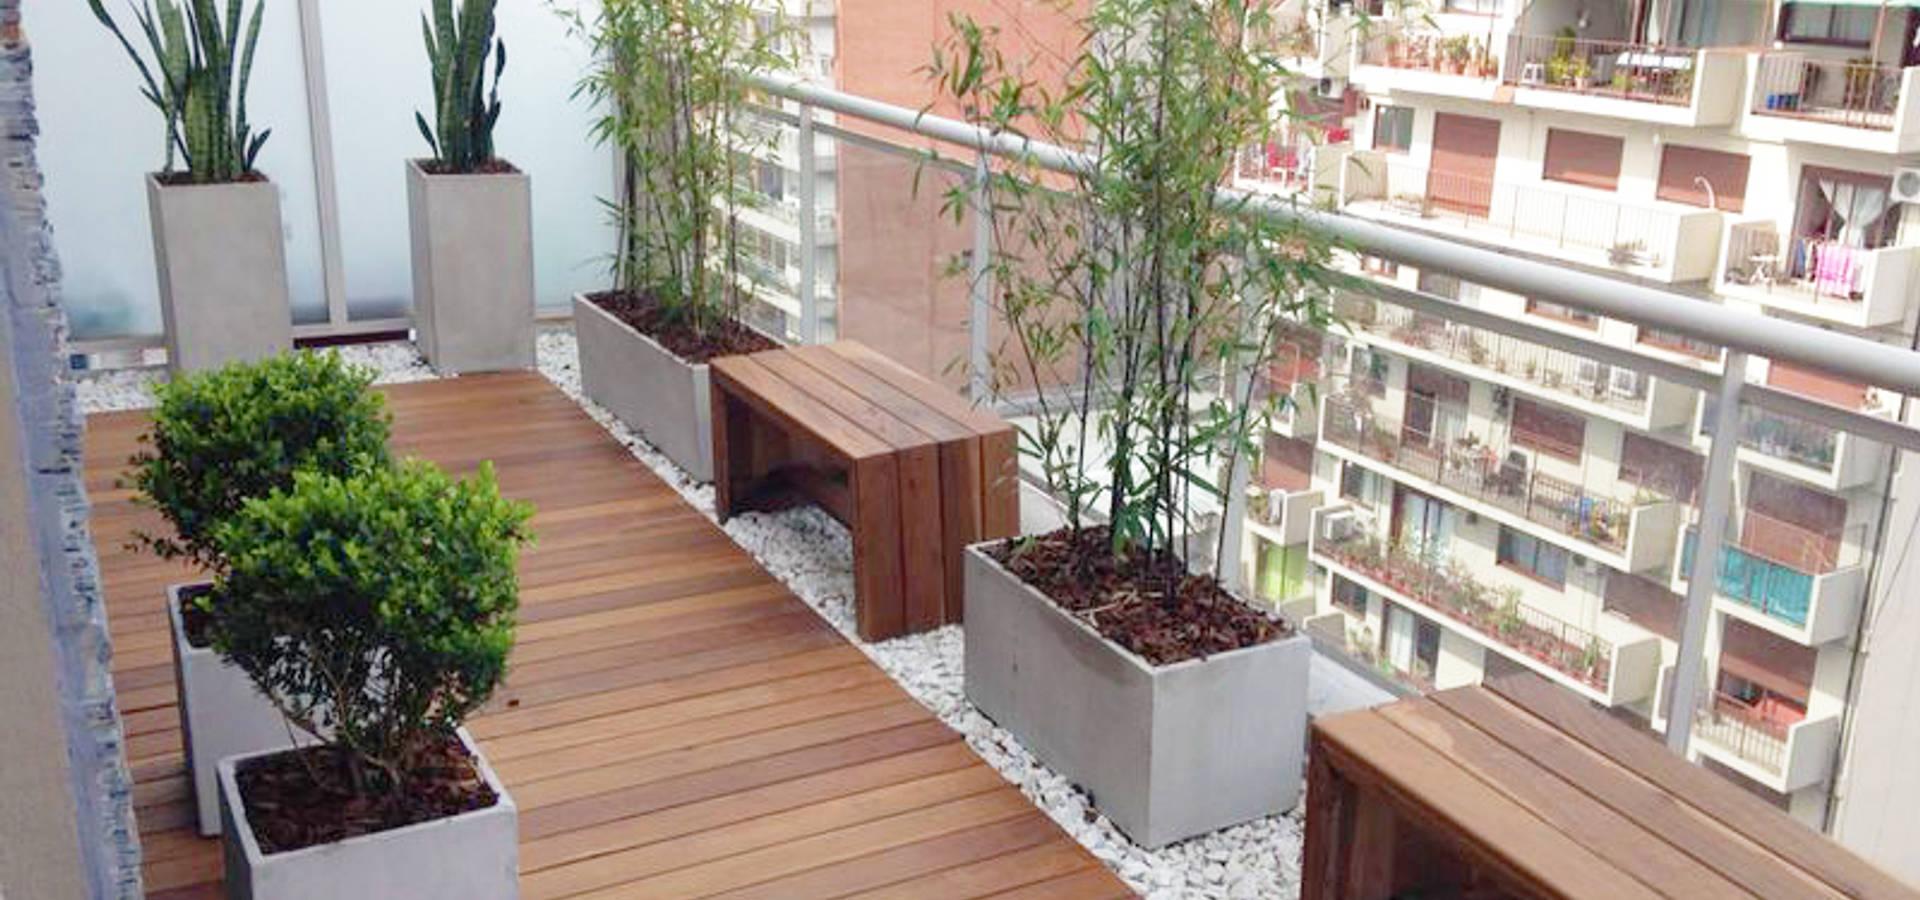 Balcon Terraza Moderno von Estudio Nicolas Pierry: Diseño en ...